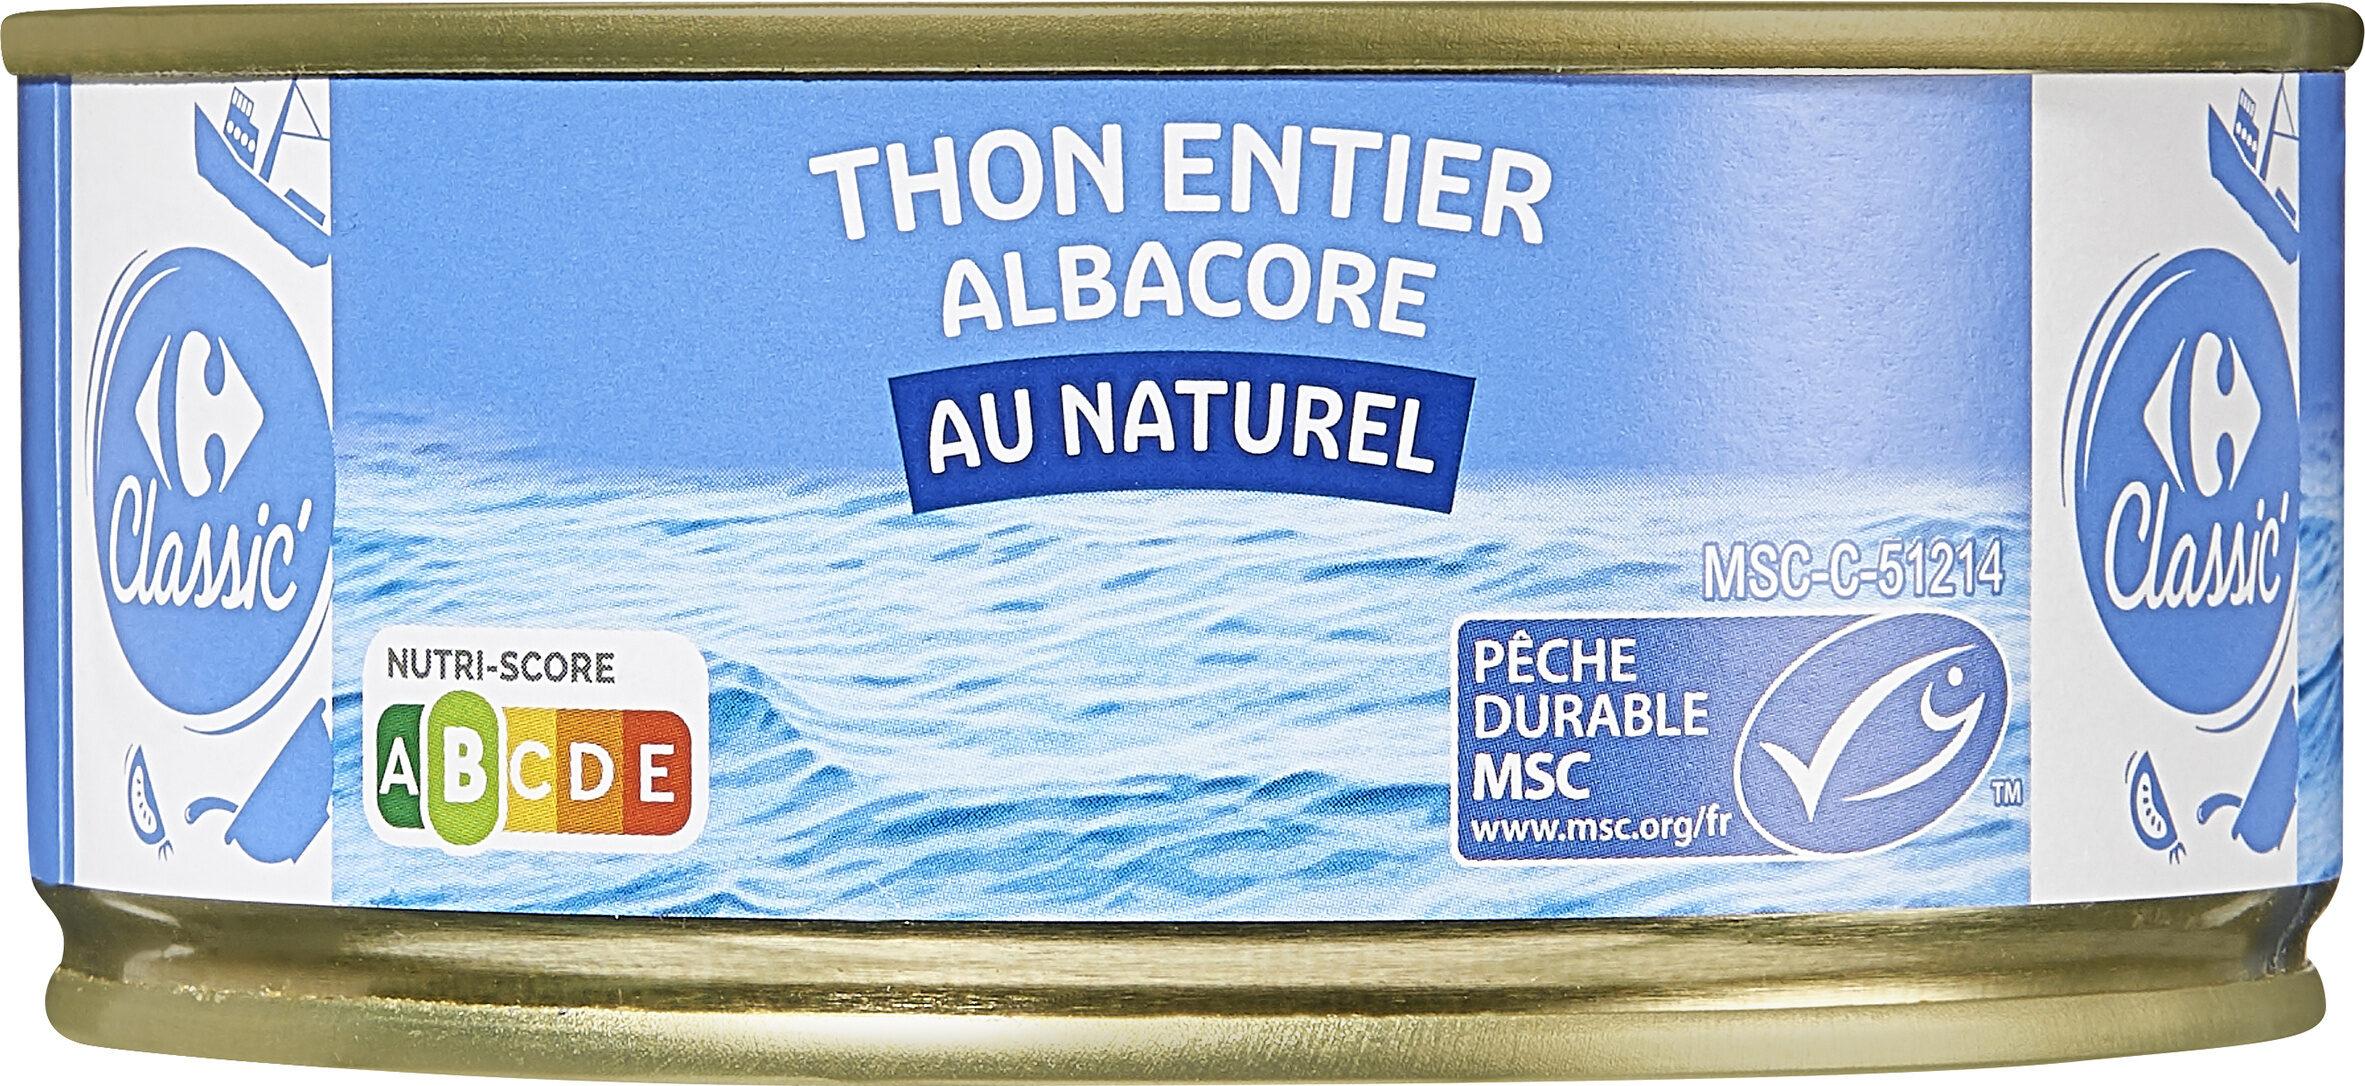 Thon entier albacore au naturel - Produit - fr